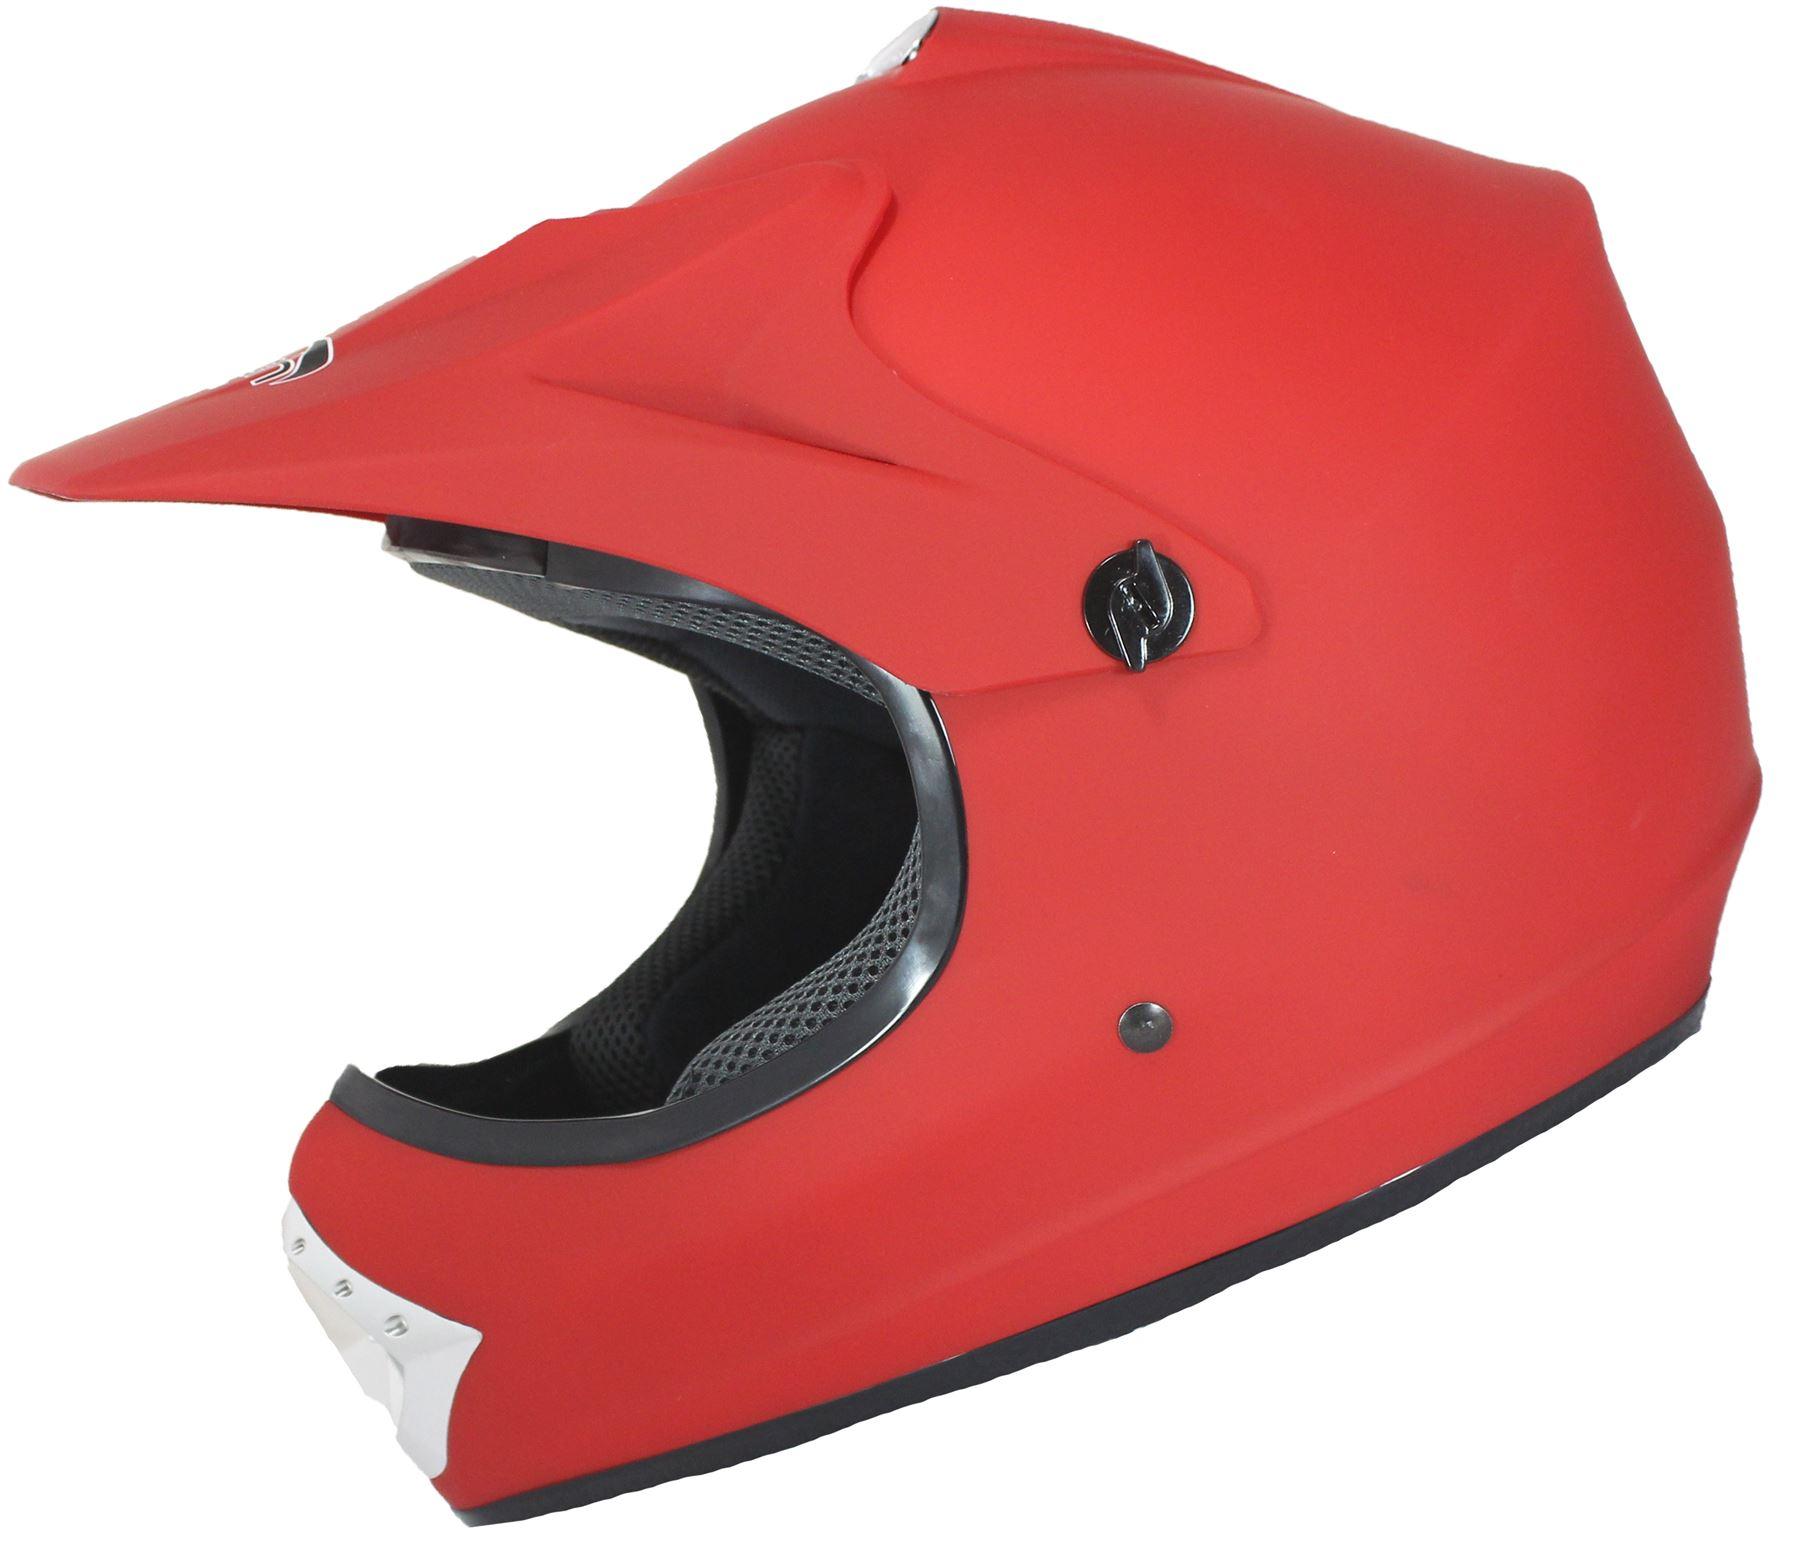 casque moto cross tout terrain enfant noir rouge bleu finition mat ebay. Black Bedroom Furniture Sets. Home Design Ideas